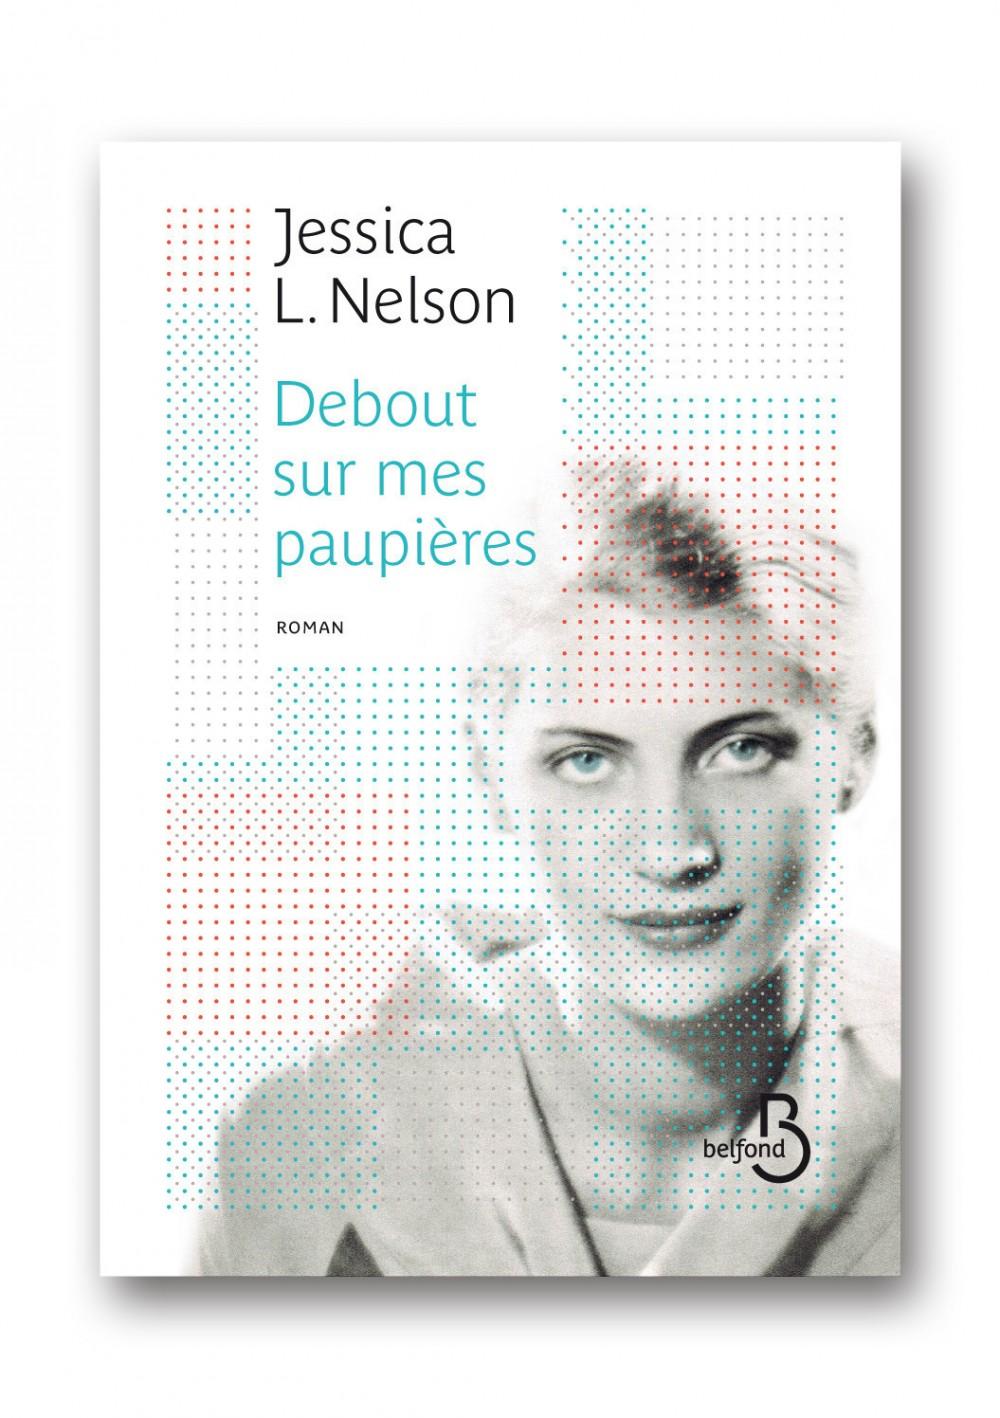 LEE MILLER VUE PAR JESSICA L. NELSON : LA CRÉATION COMME BUT ULTIME